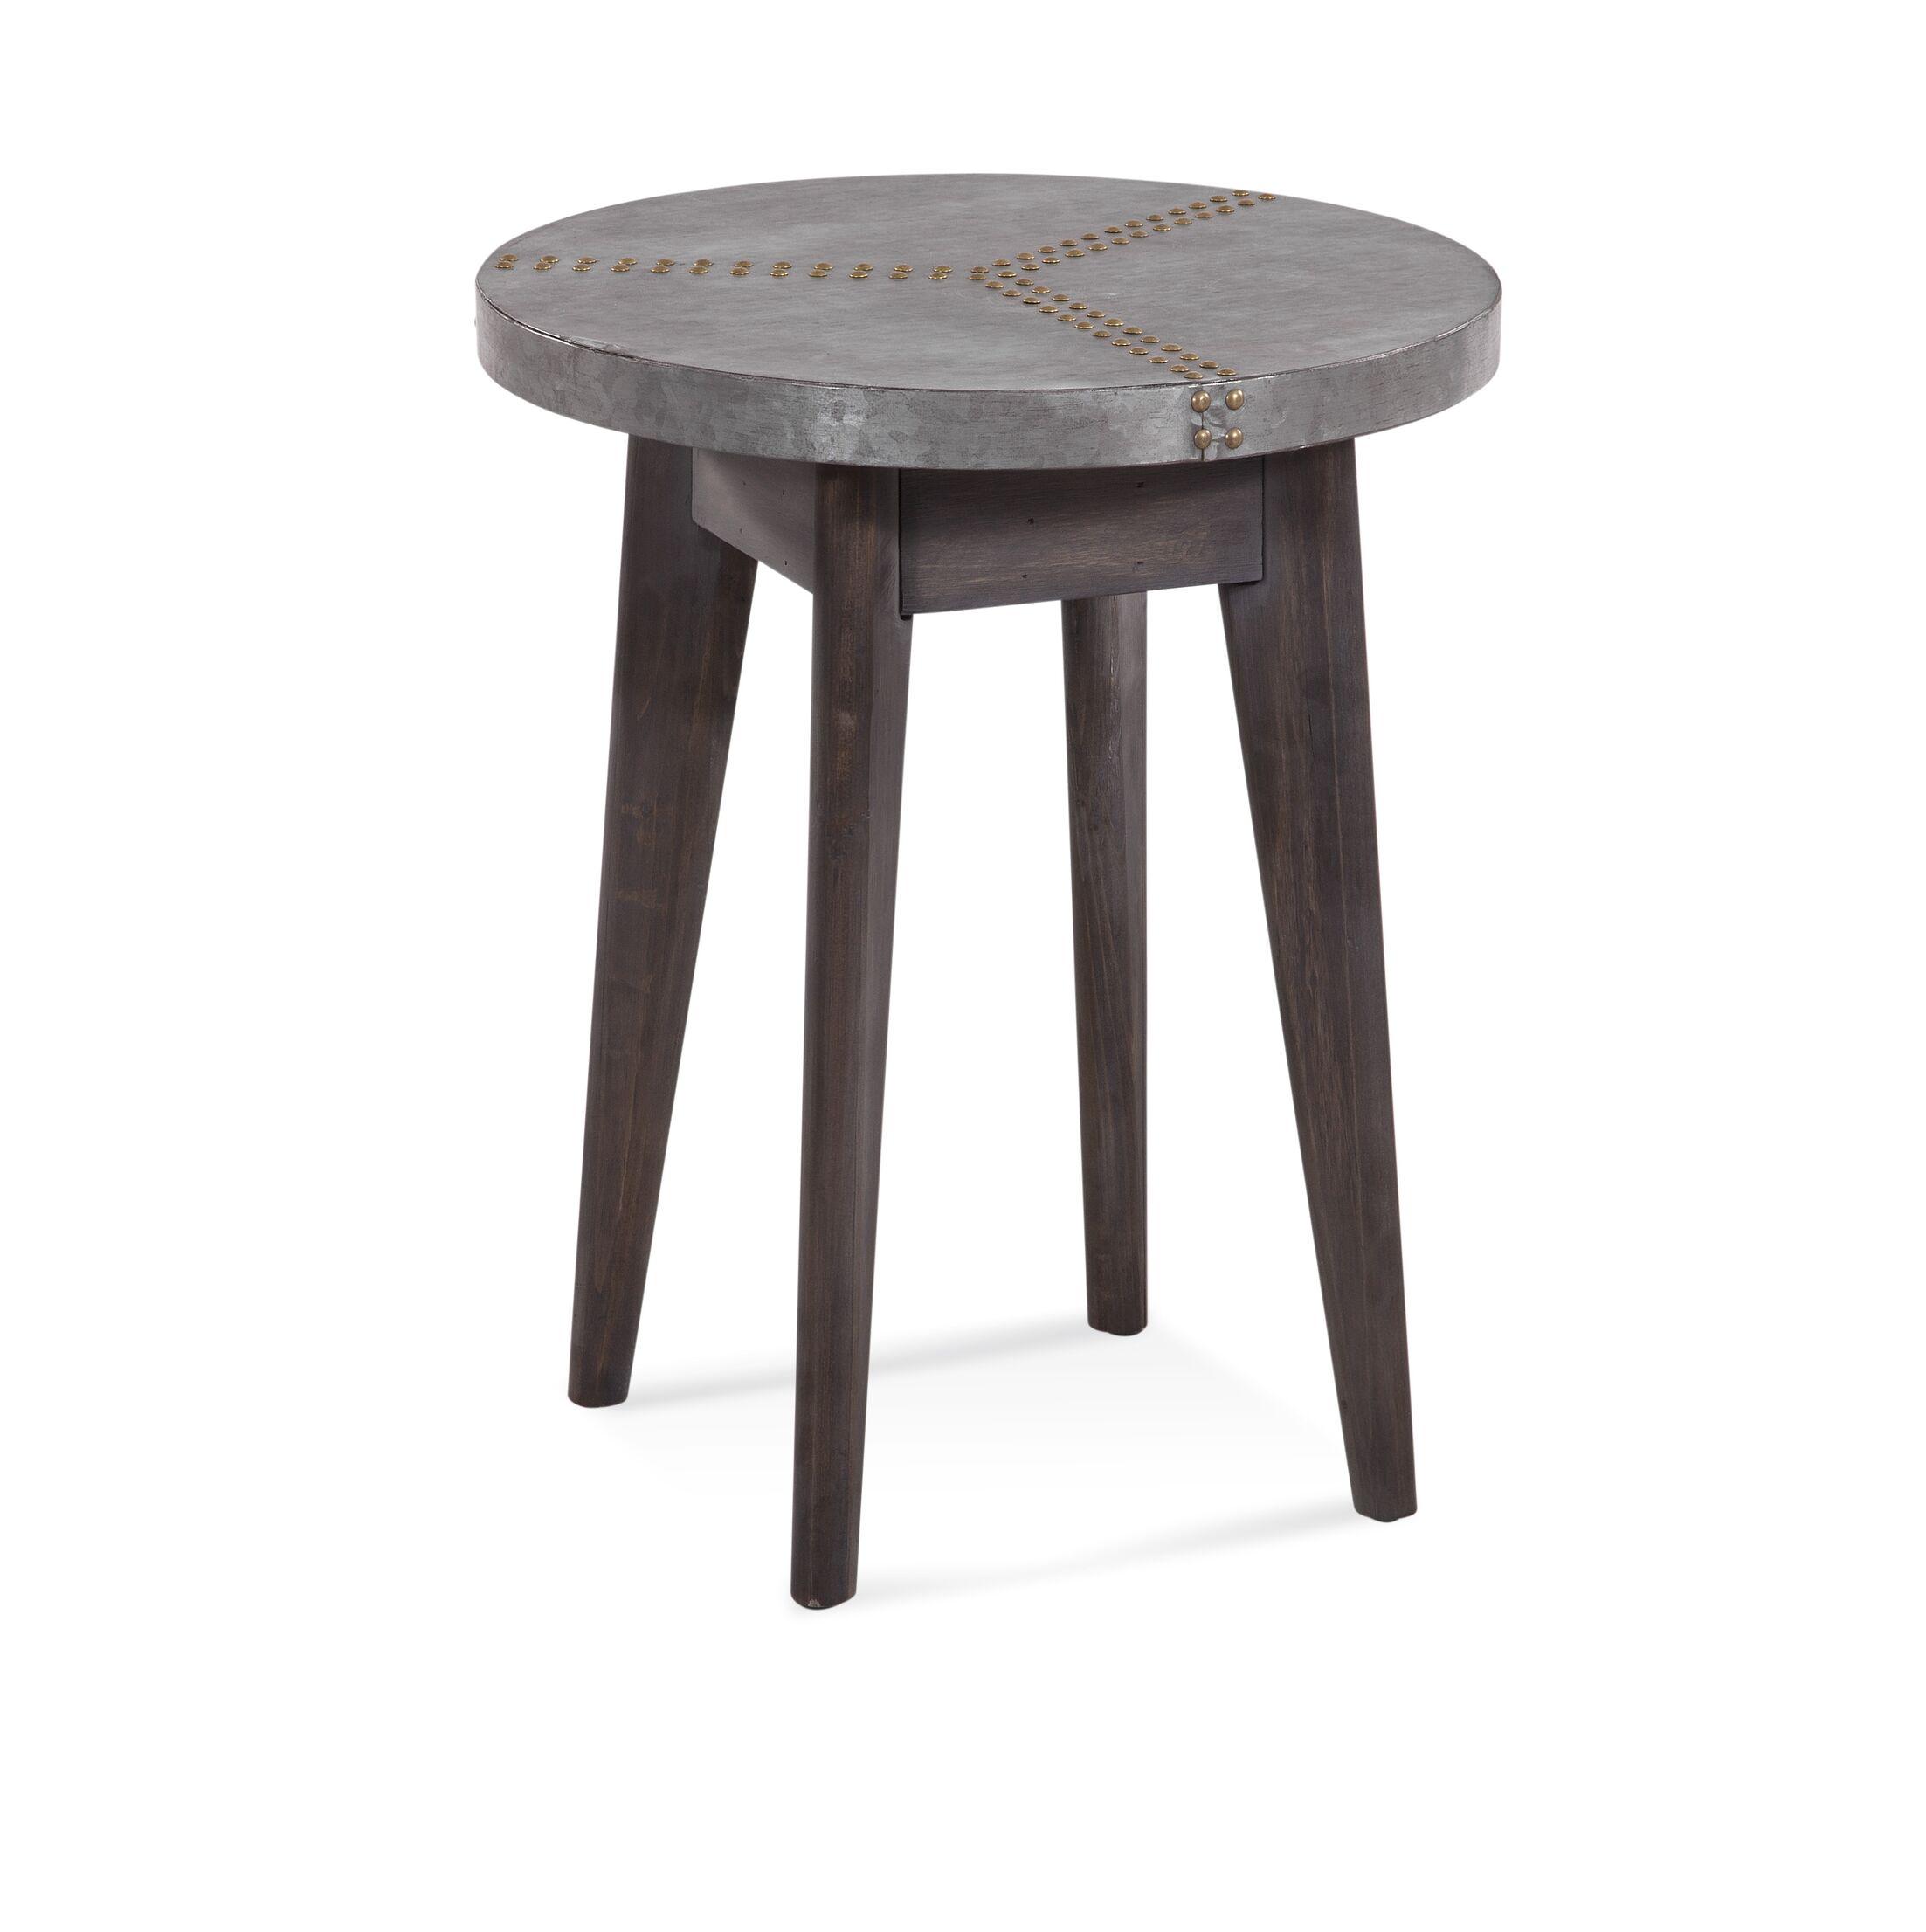 Hemel End Table